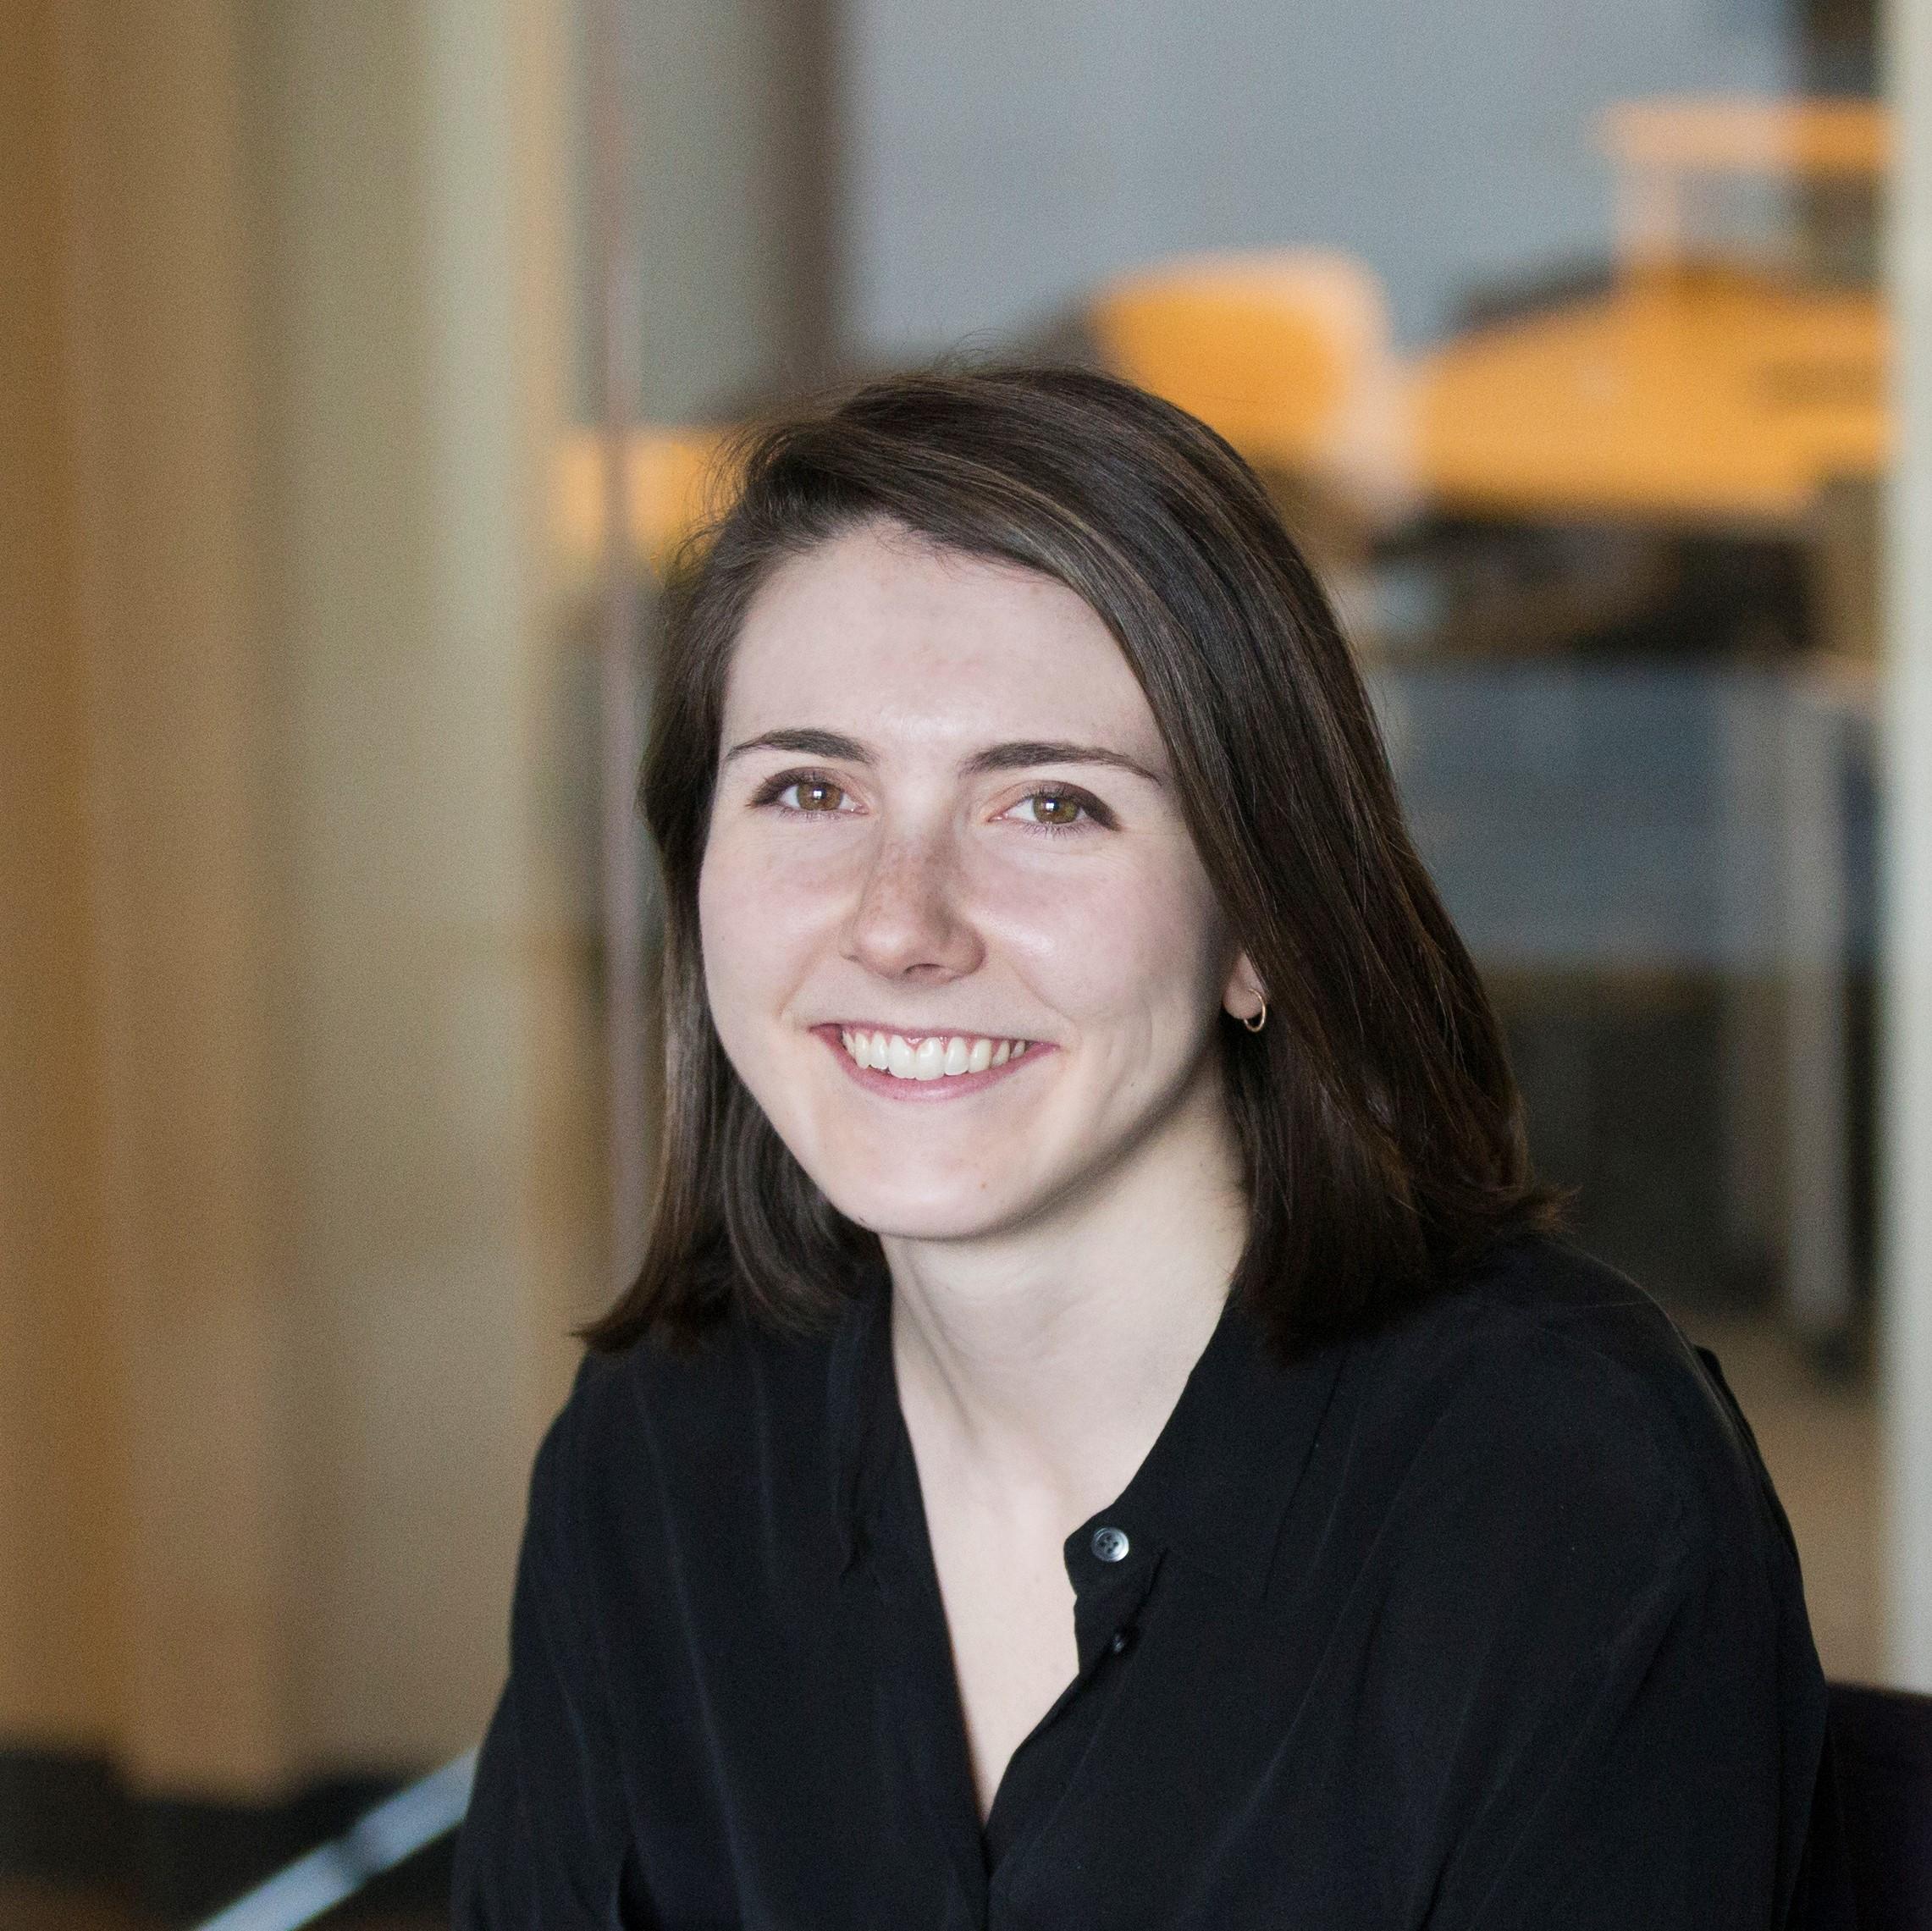 Sarah Black